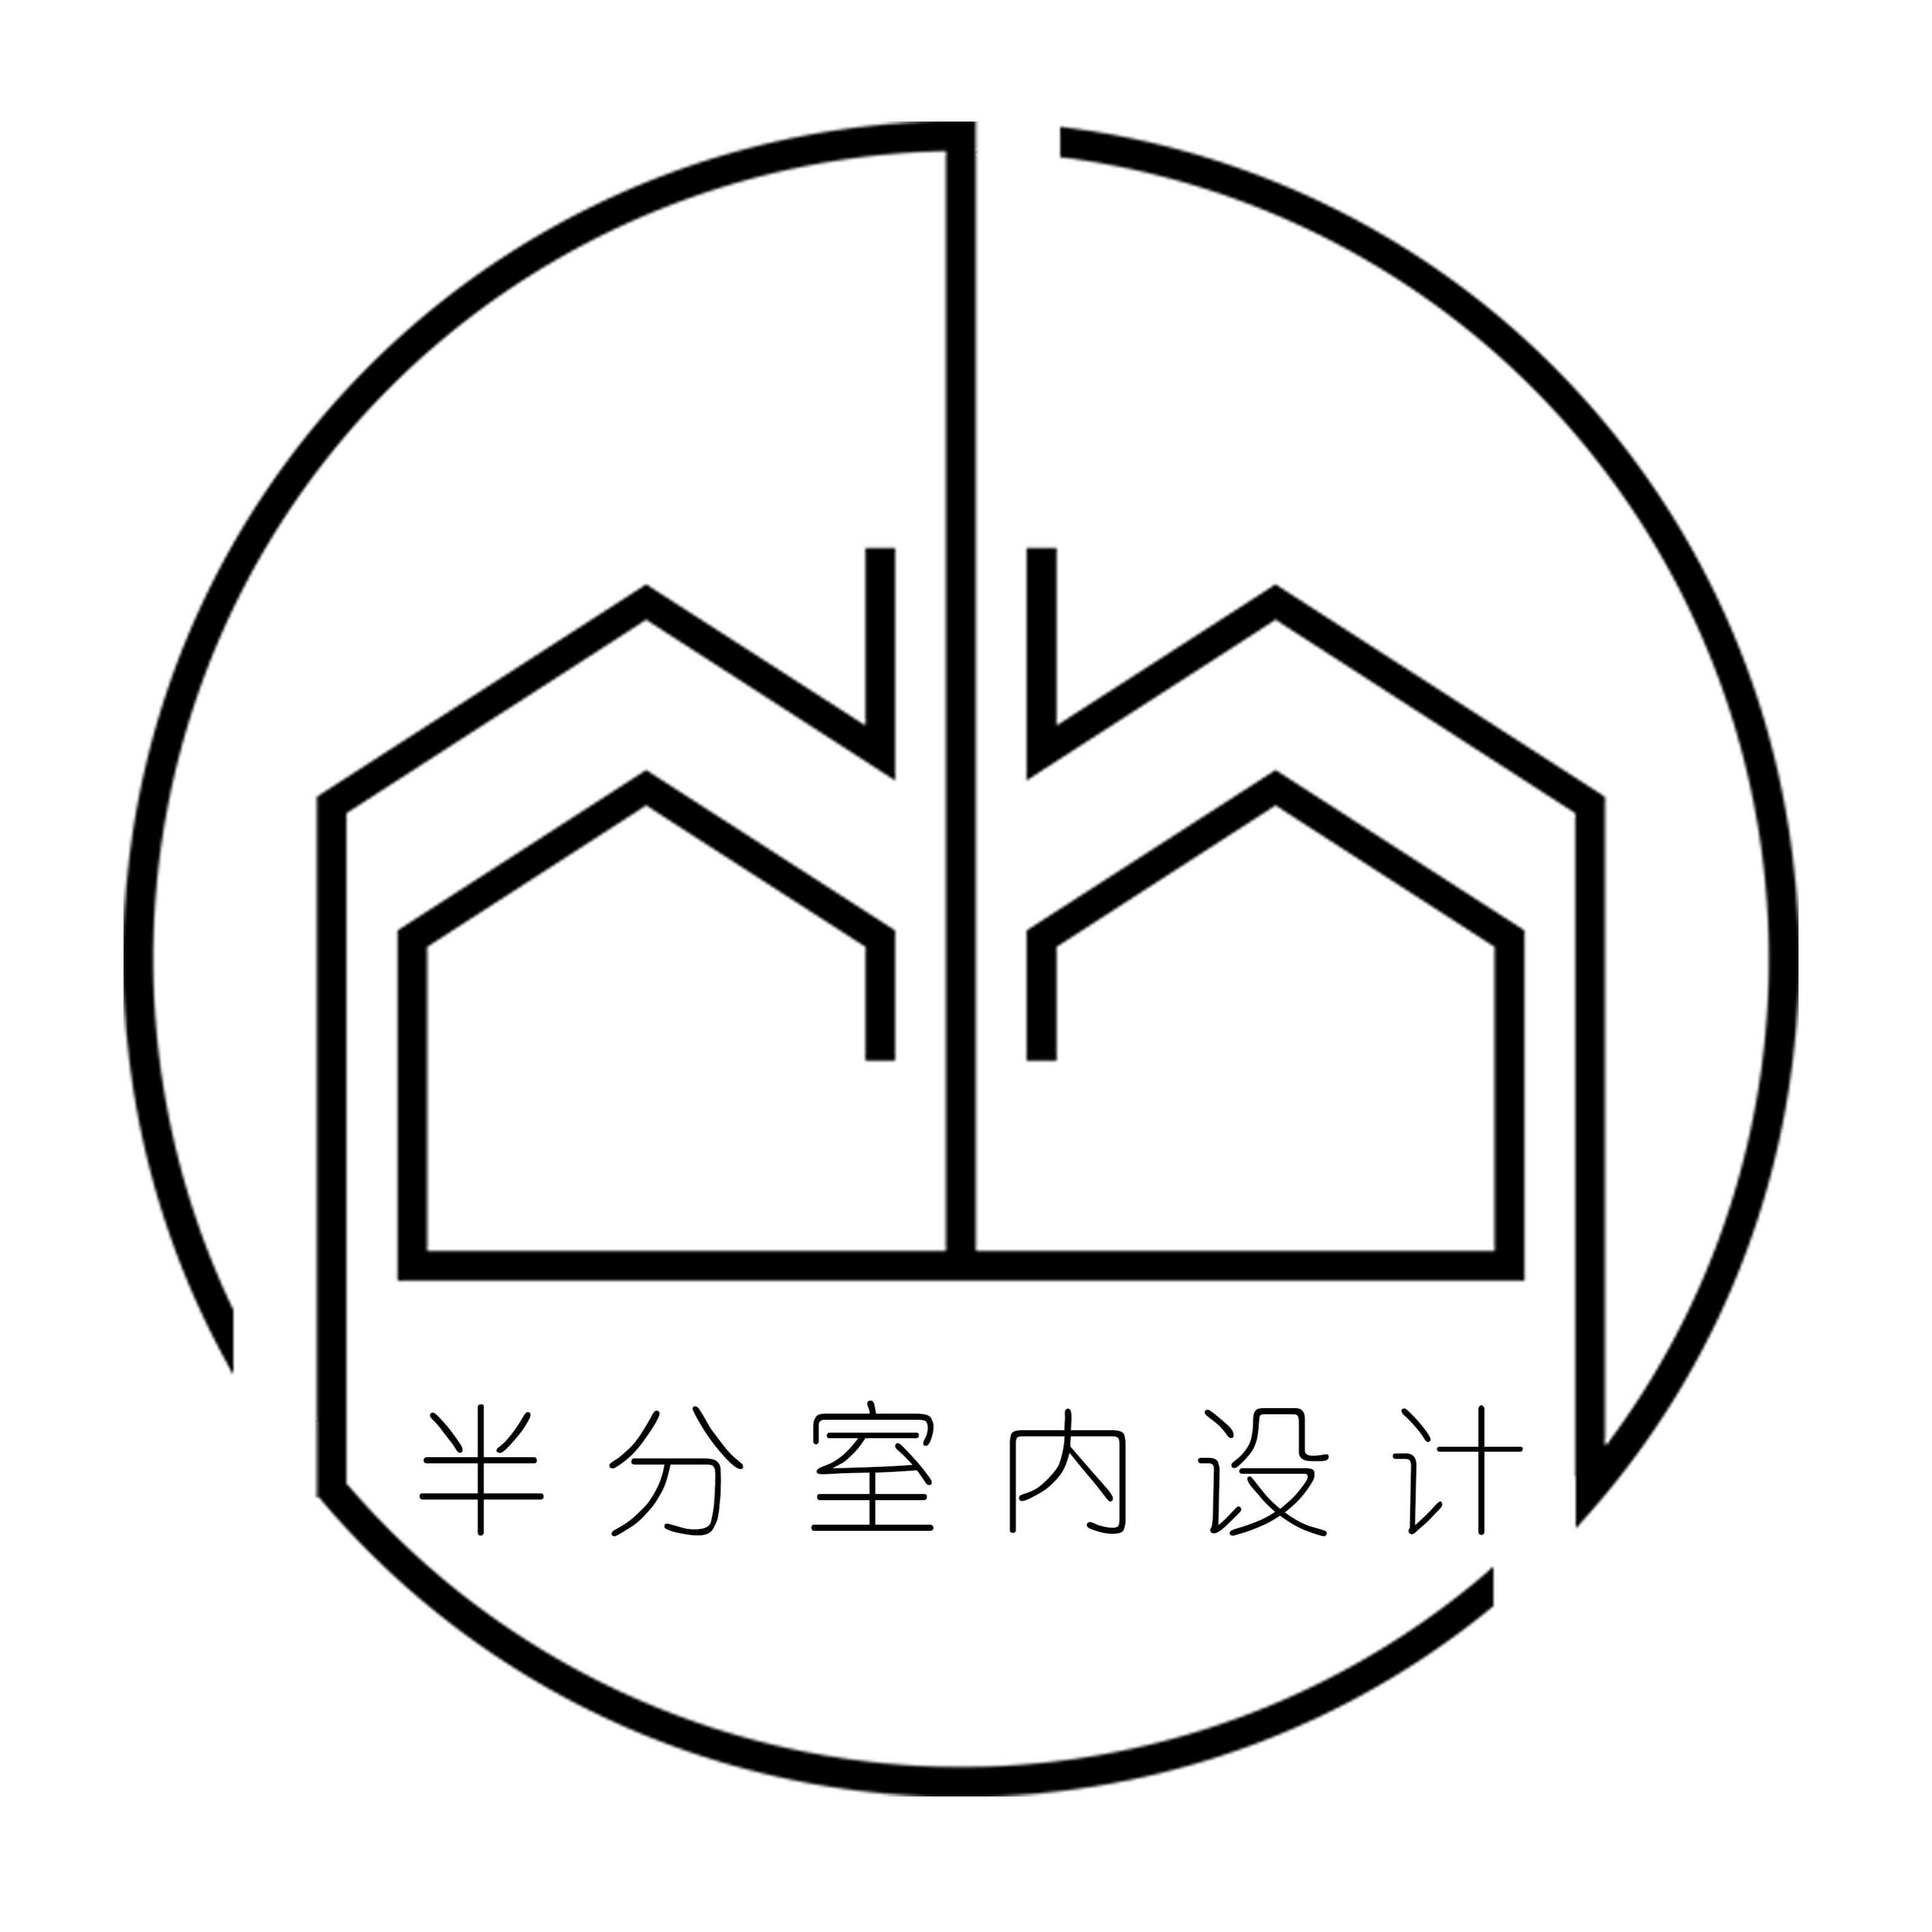 趙殷一貳陸柒室內設計